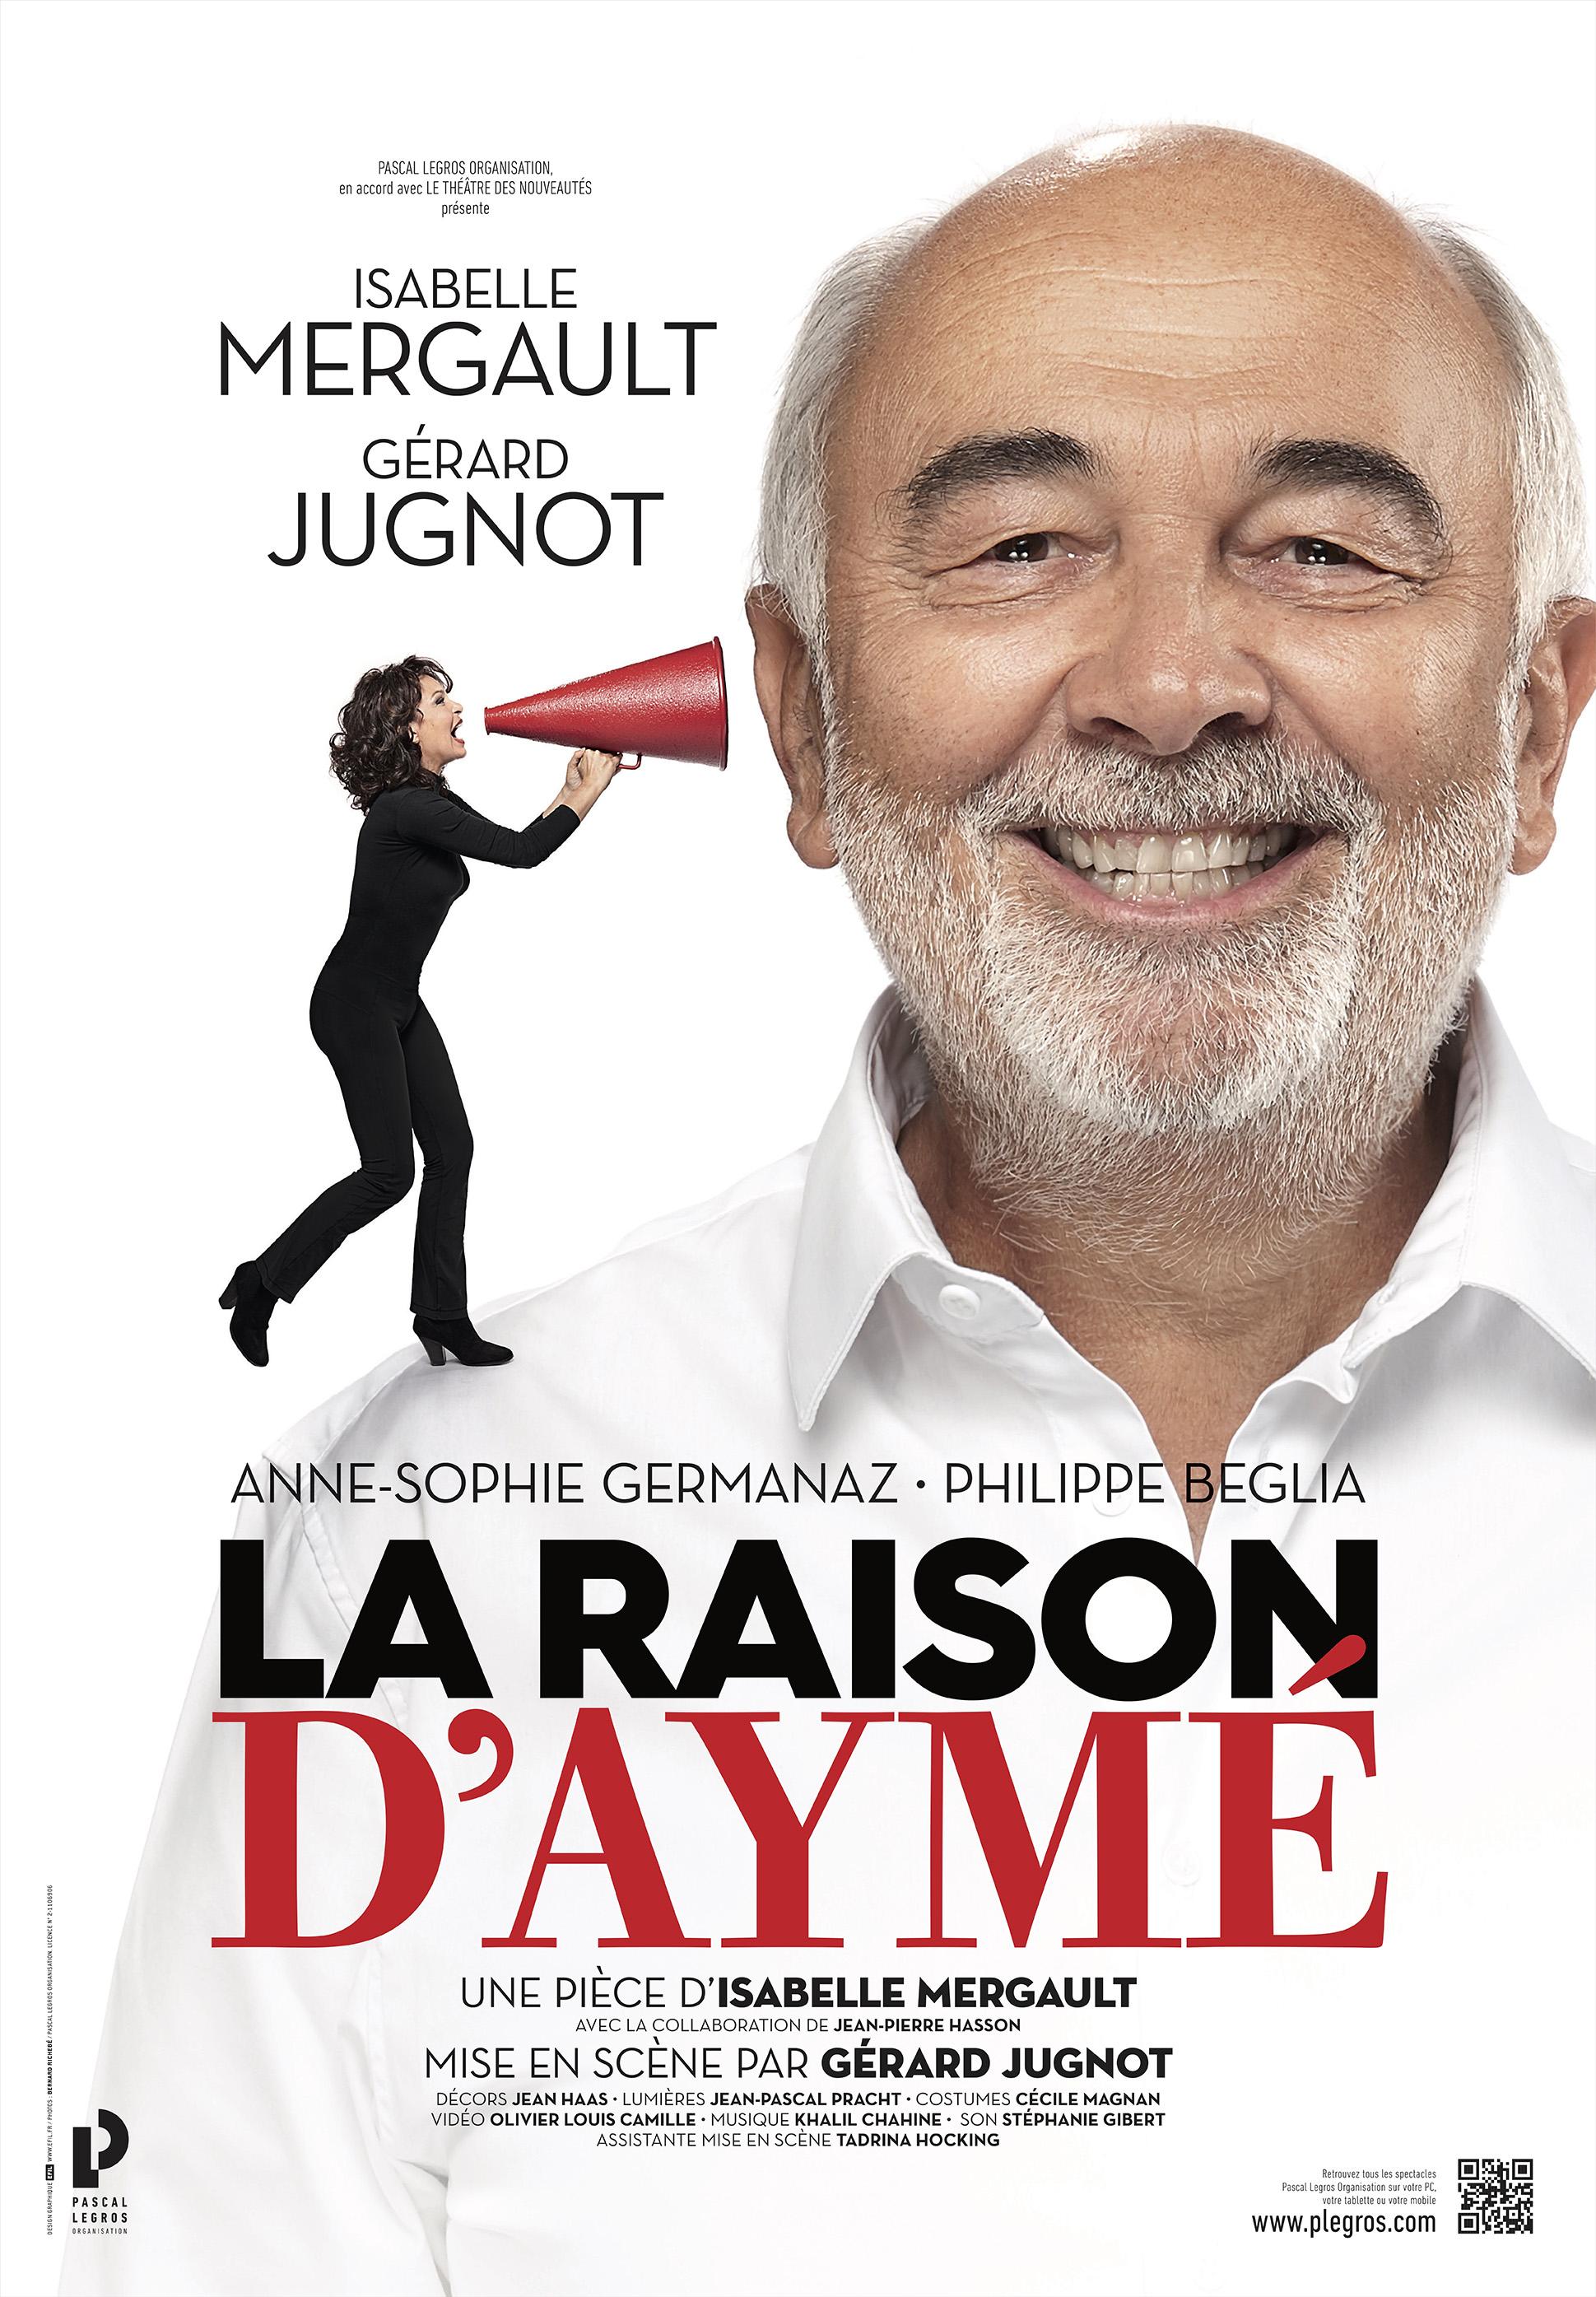 LA RAISON D AYME